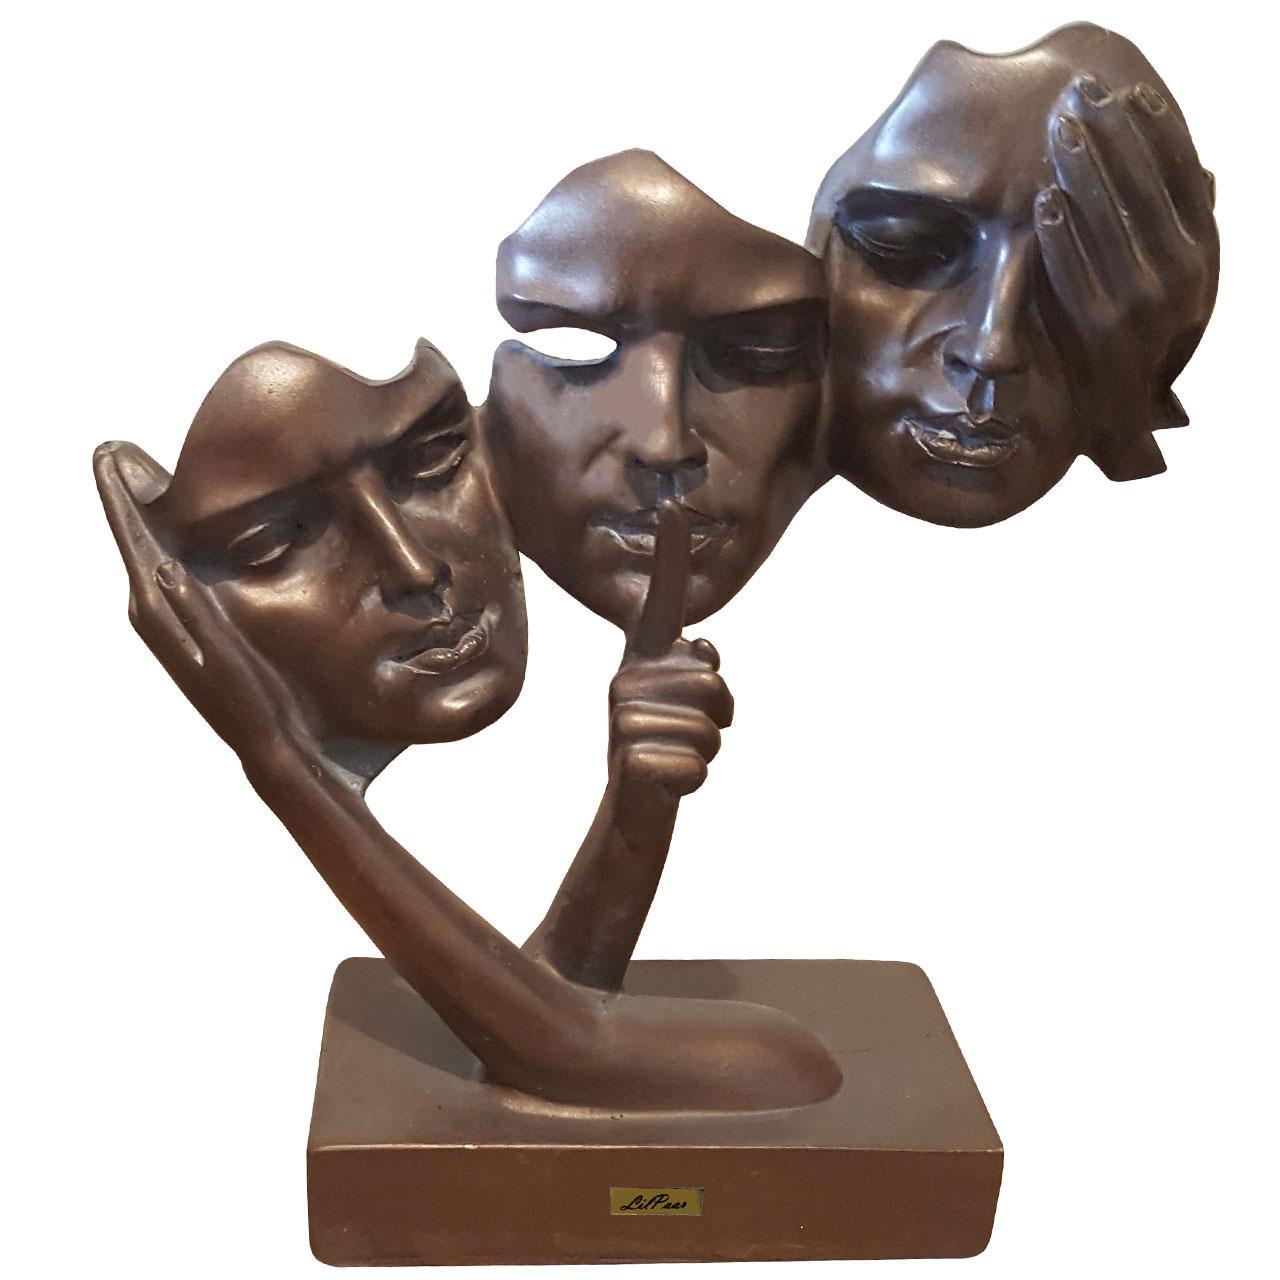 مجسمه لیلپار طرح سه رخ مدل DKH-7220 P